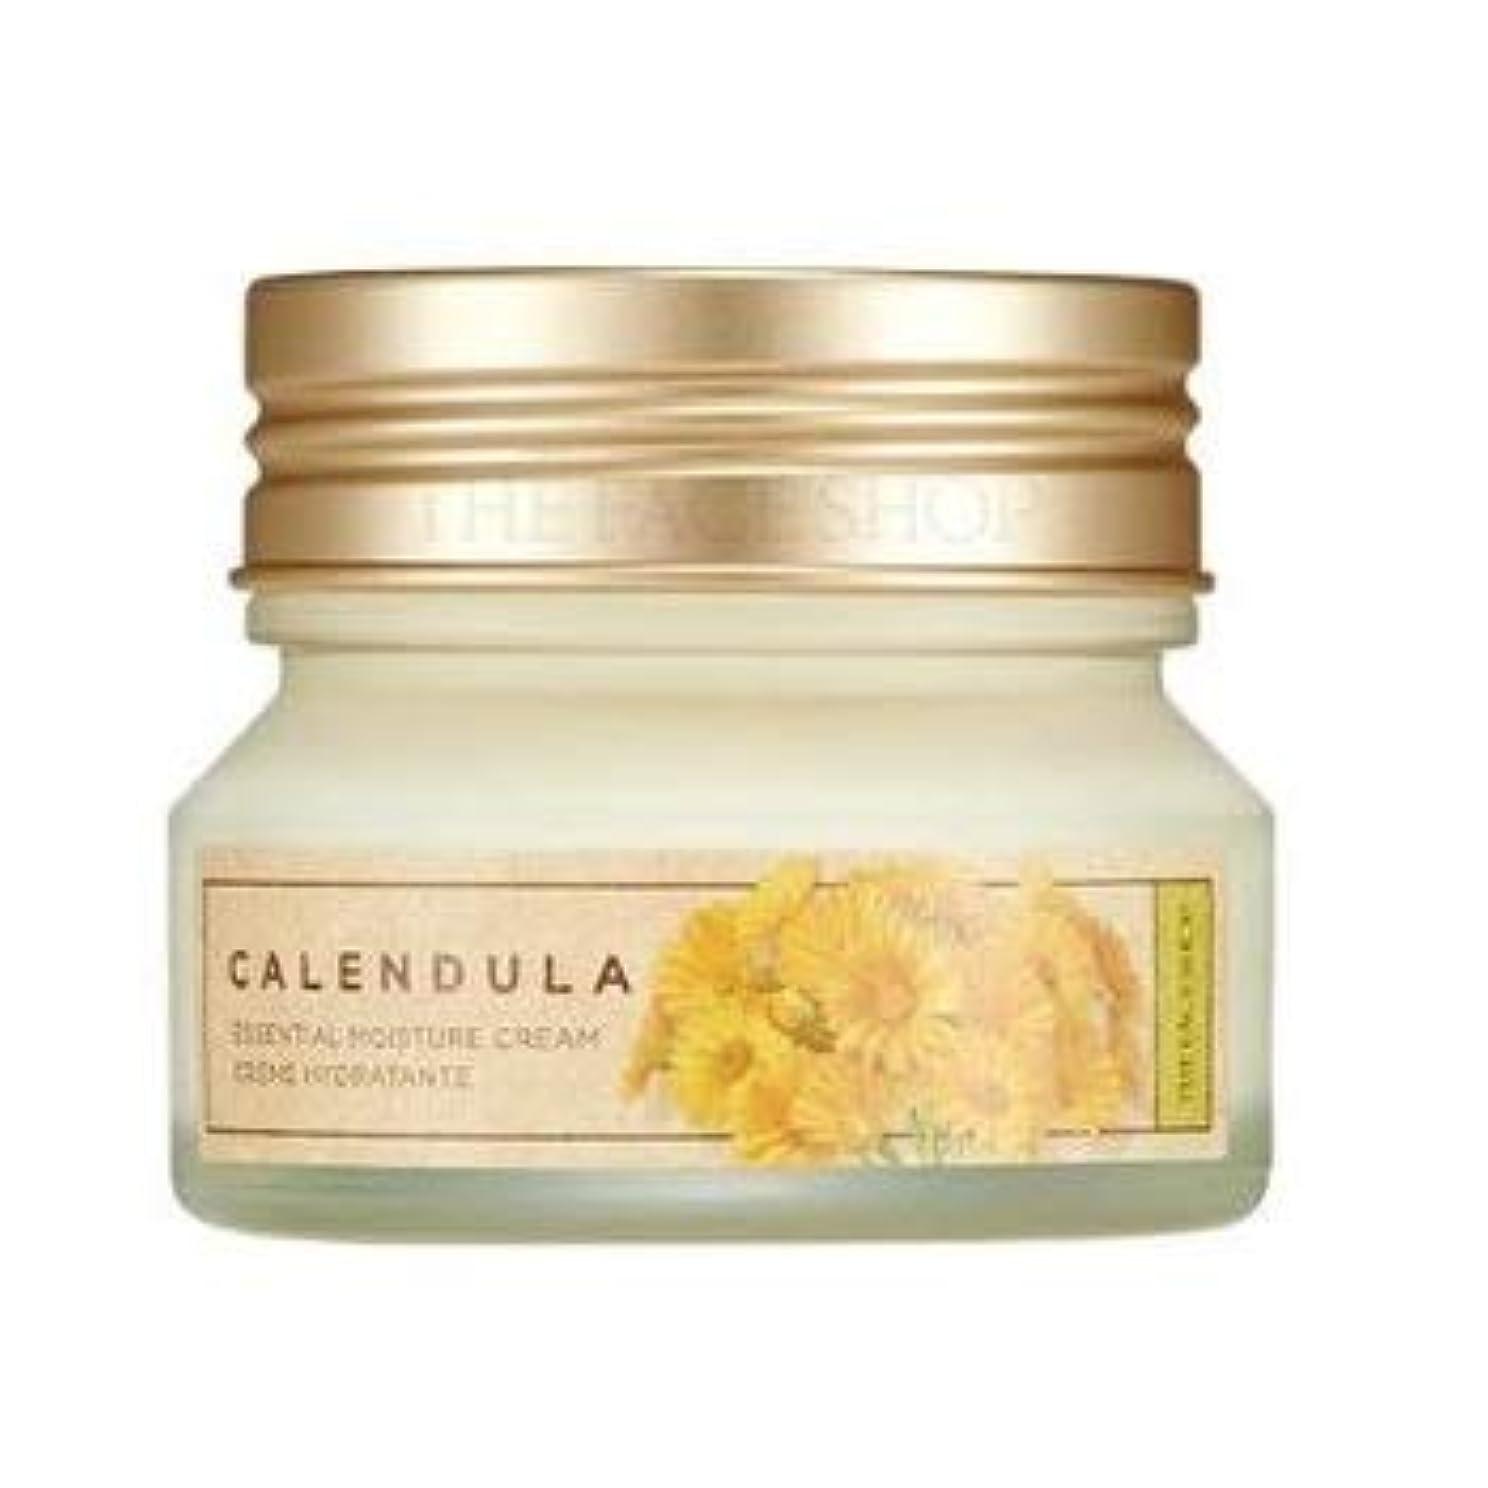 ハンカチゲスト過度にTHE FACE SHOP Calendula Essential Moisture Cream ザフェイスショップ カレンデュラ エッセンシャル モイスチャー クリーム [並行輸入品]